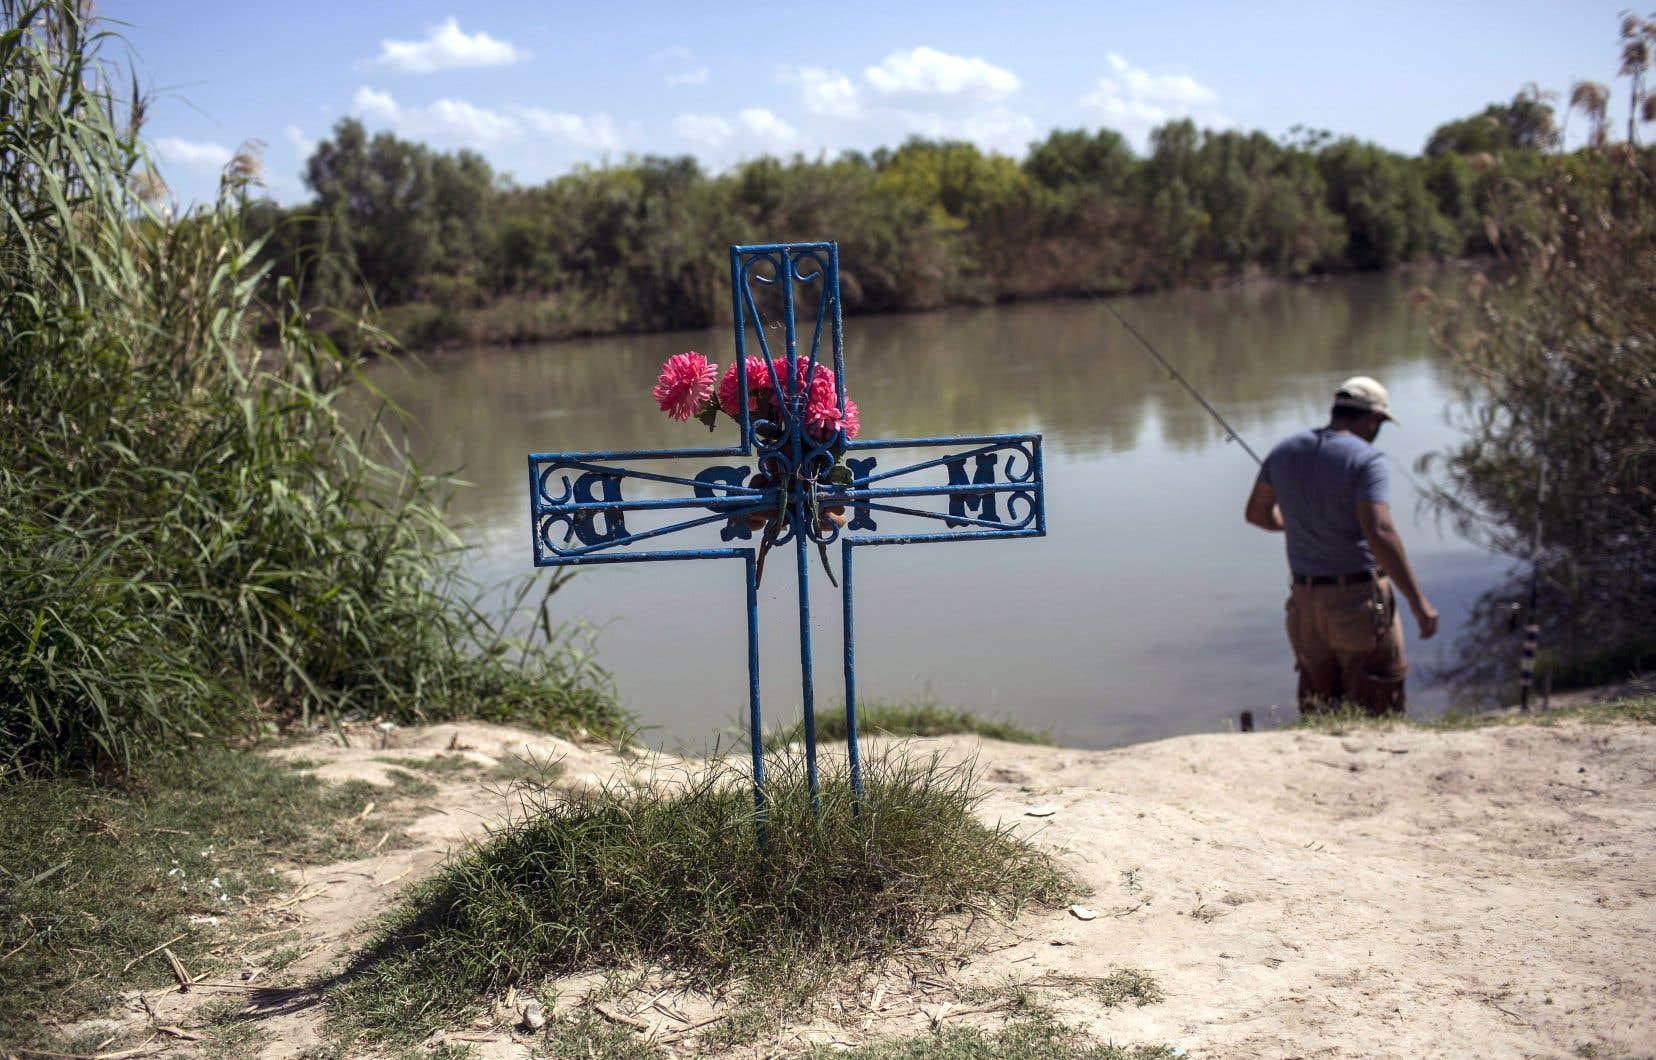 Un homme pêche dans le Rio Grande à Laredo au Texas, près d'une croix plantée en mémoire d'un immigrant qui s'est noyé en tentant d'entrer aux États-Unis à la nage.